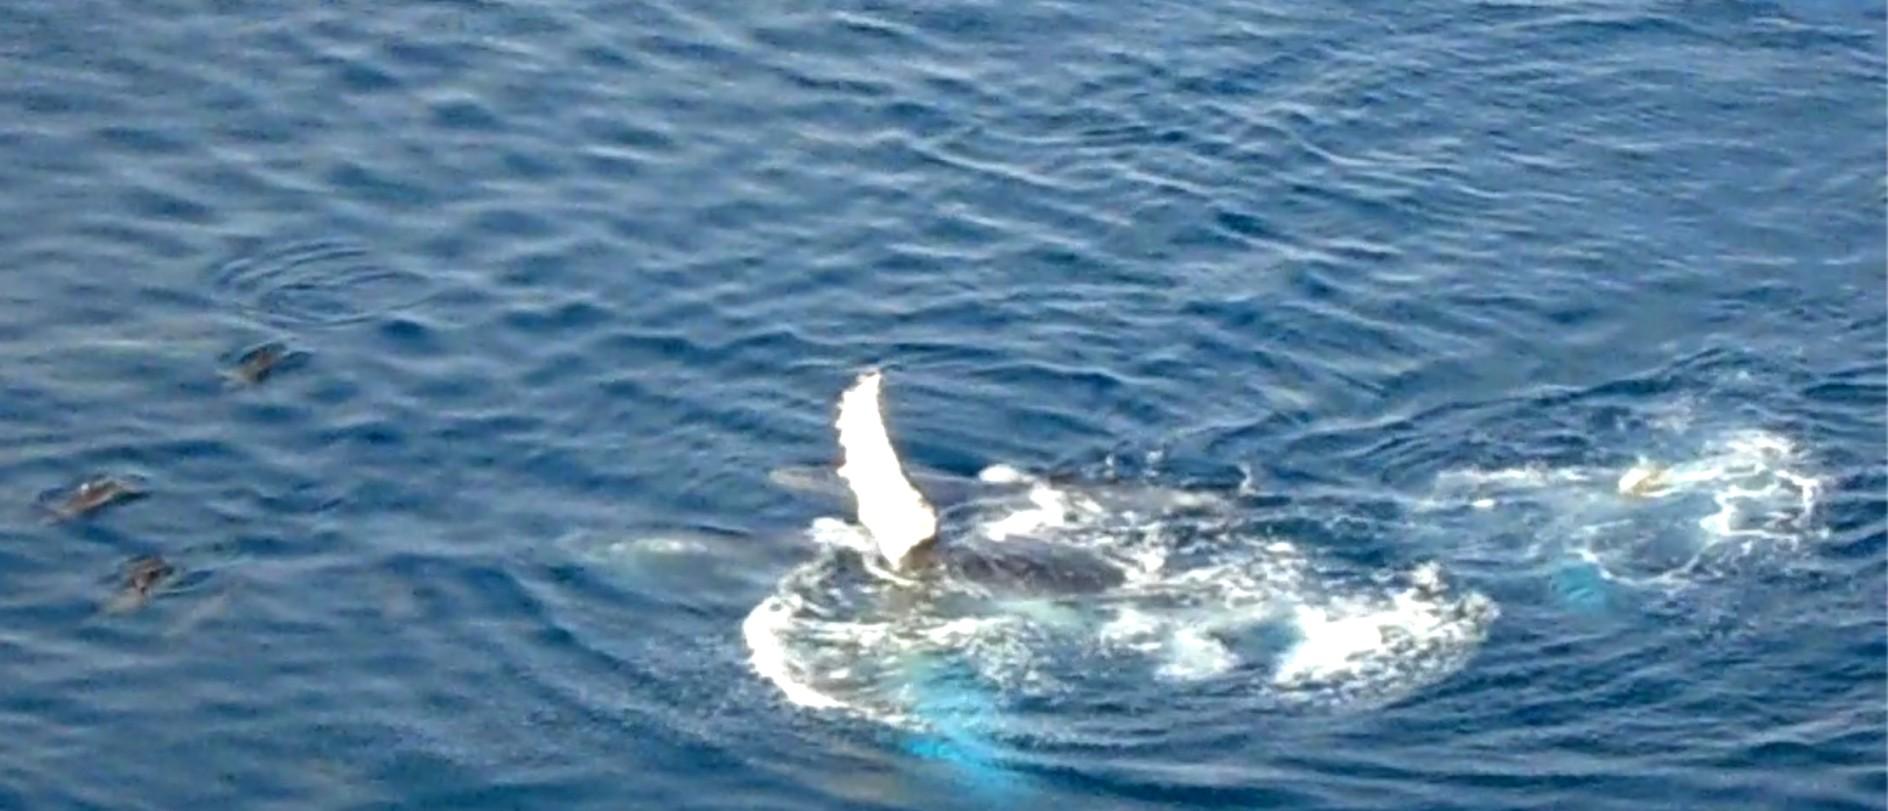 Pesquisadores identificam relação de conflito entre golfinhos e baleias em Noronha